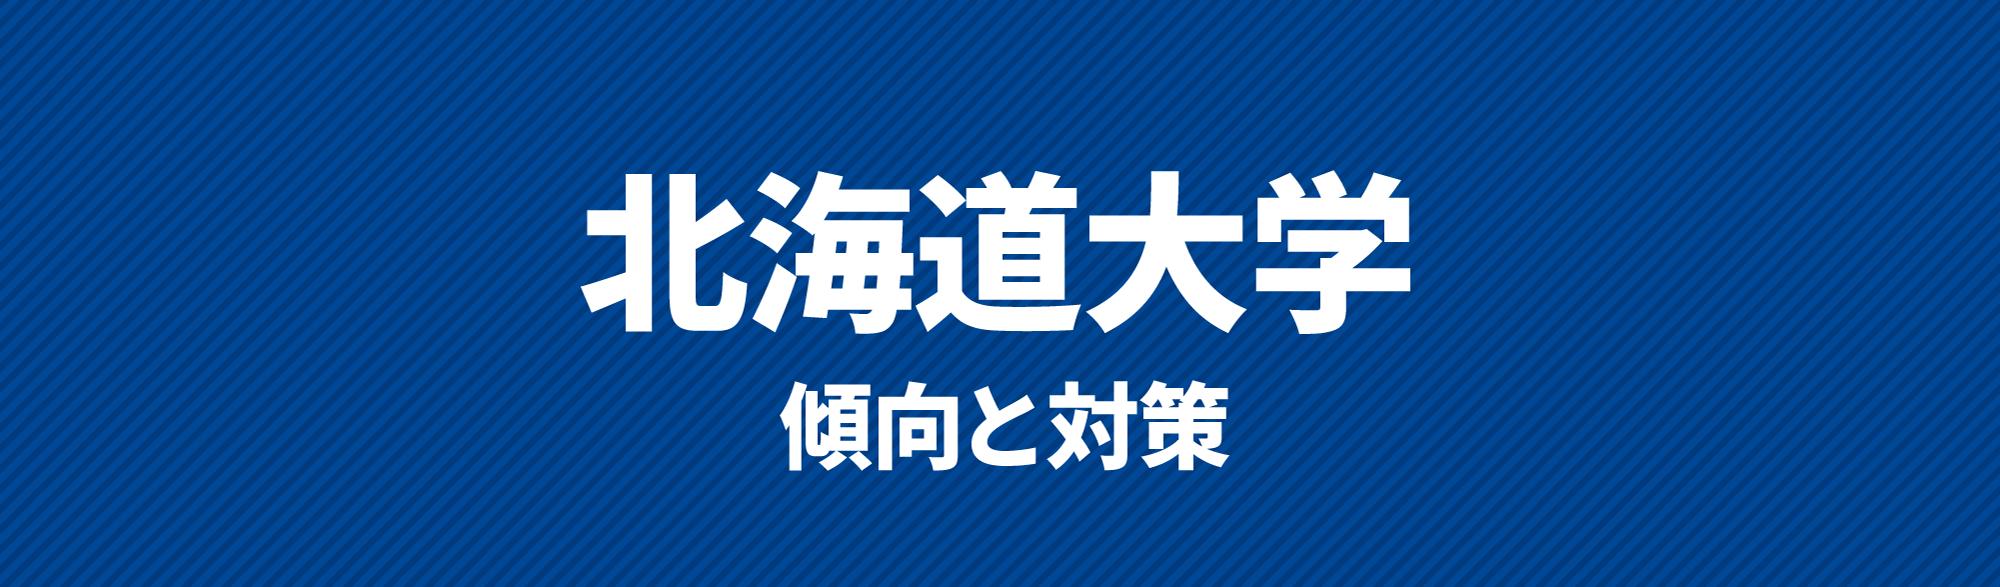 北海道大学傾向と対策